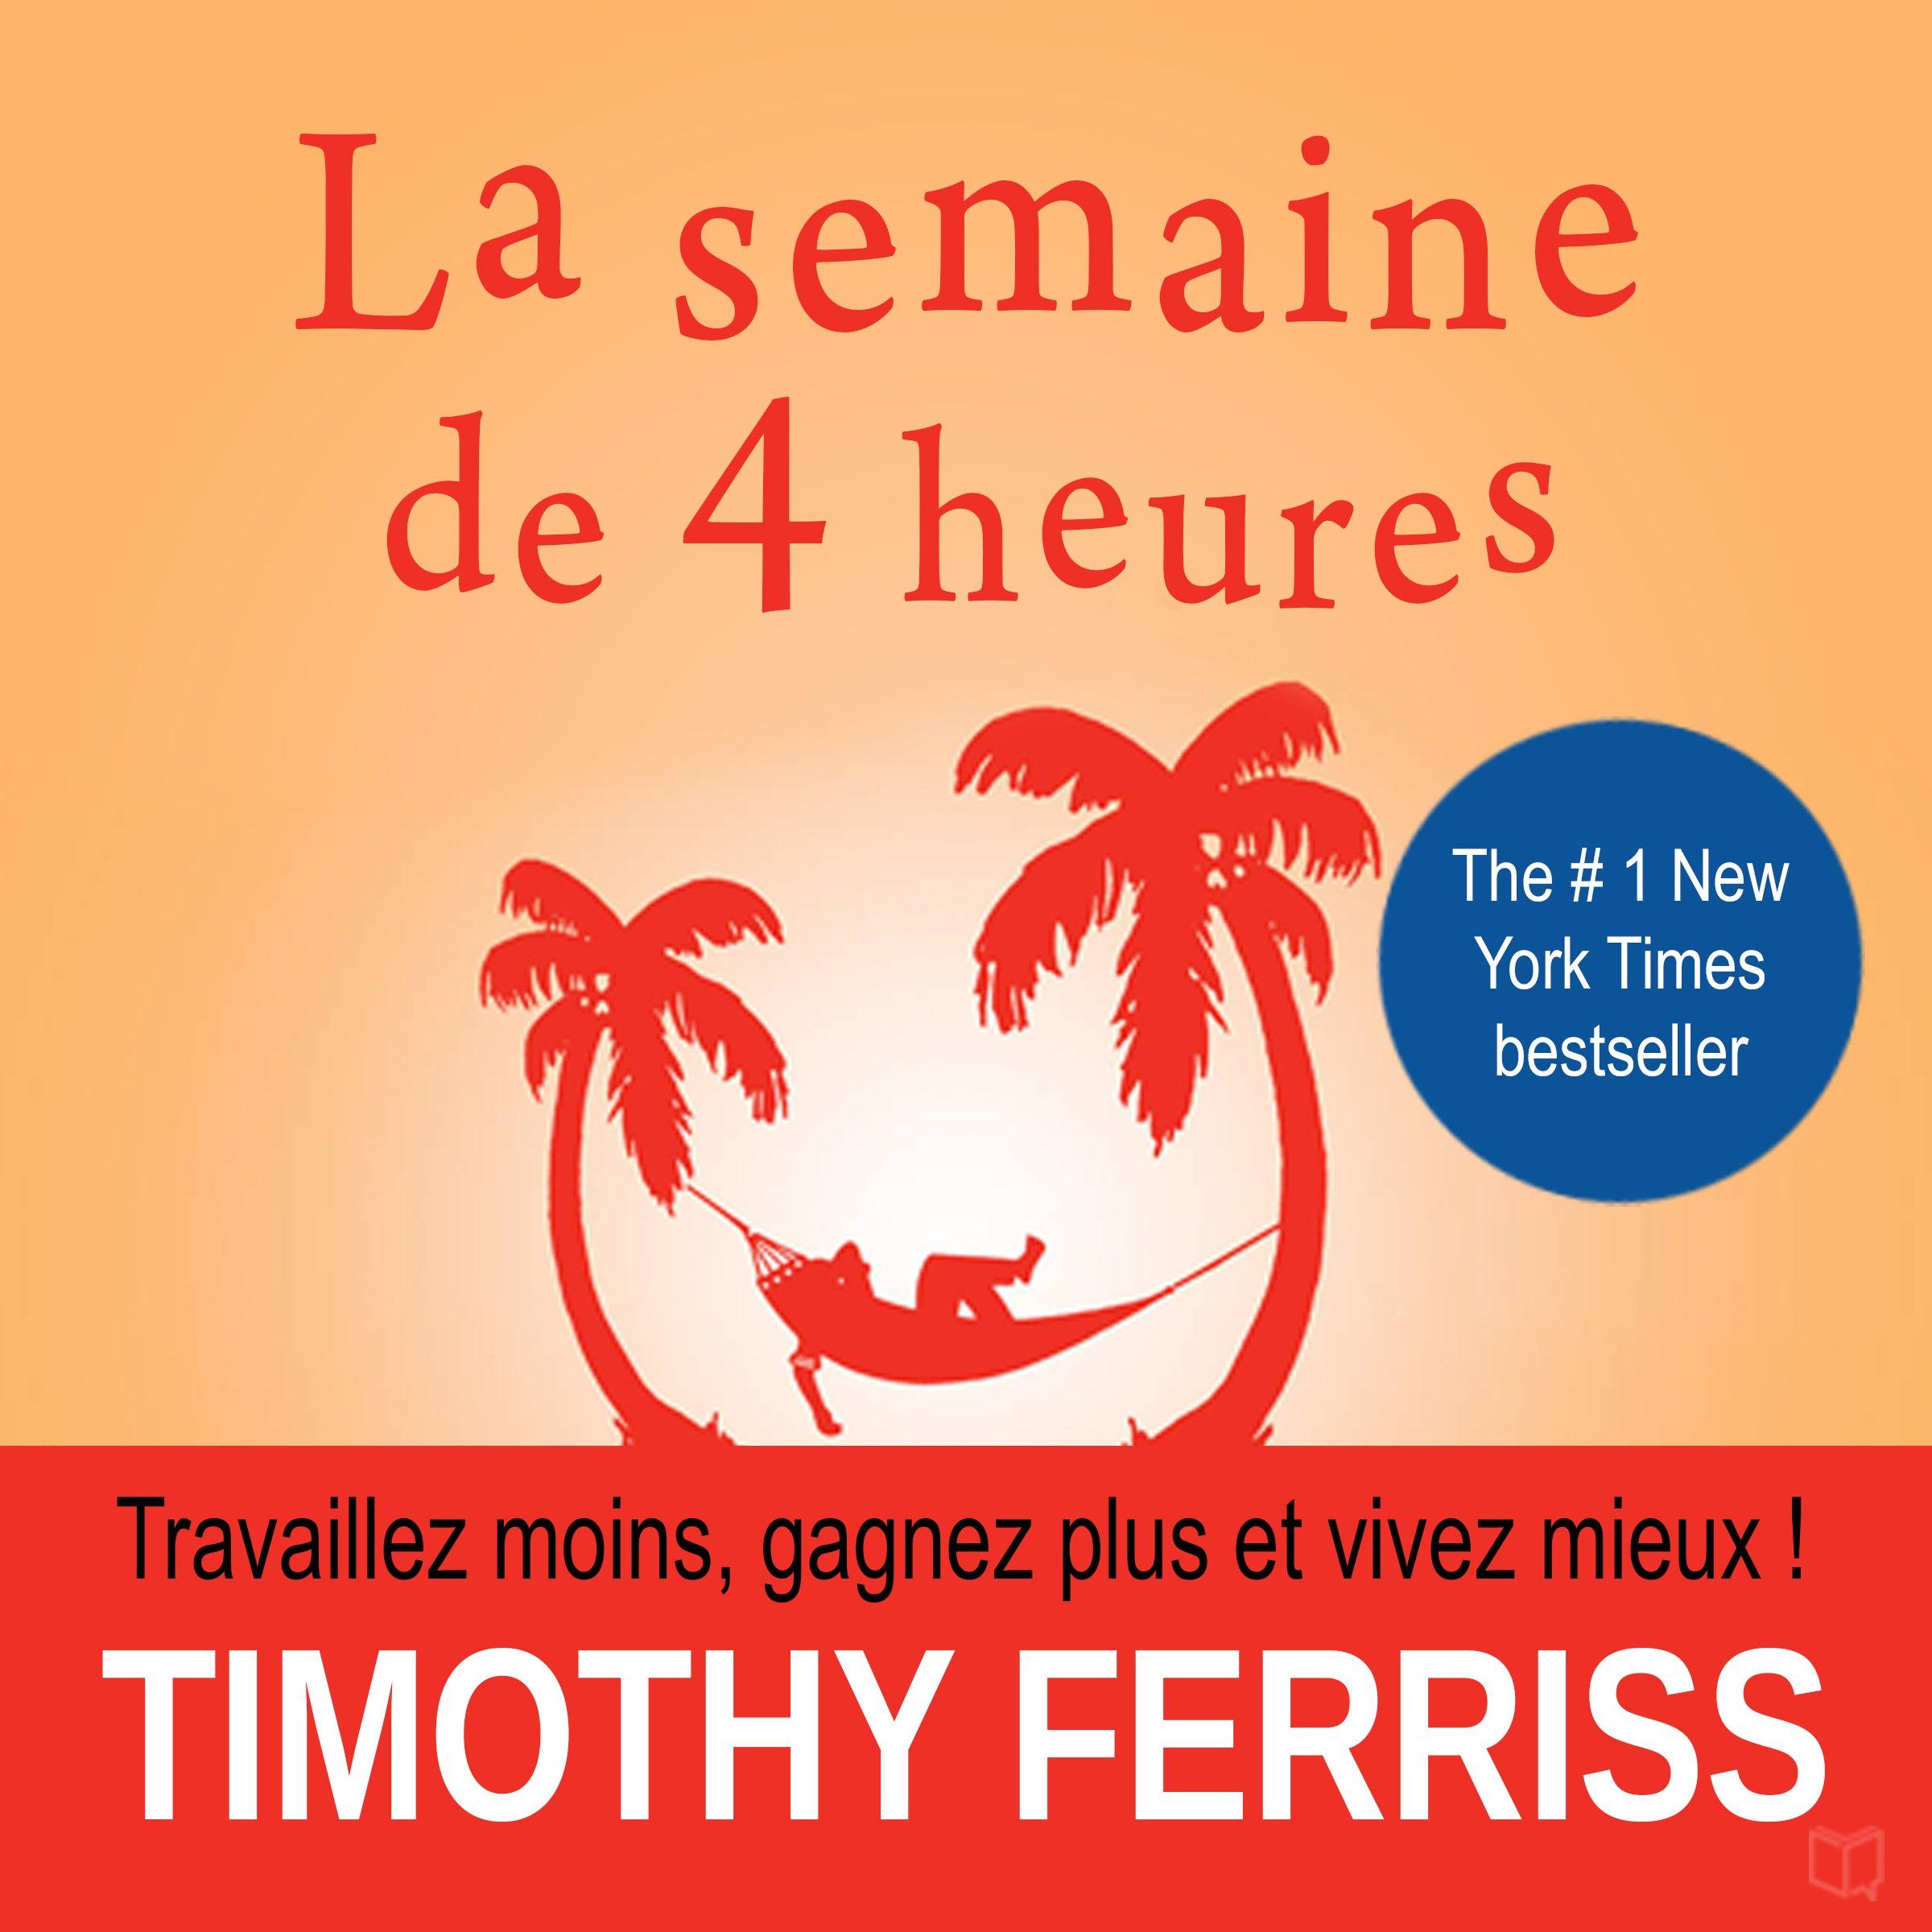 La semaine de 4 heures: Travaillez moins, gagnez plus et vivez mieux, de Timothy Ferriss